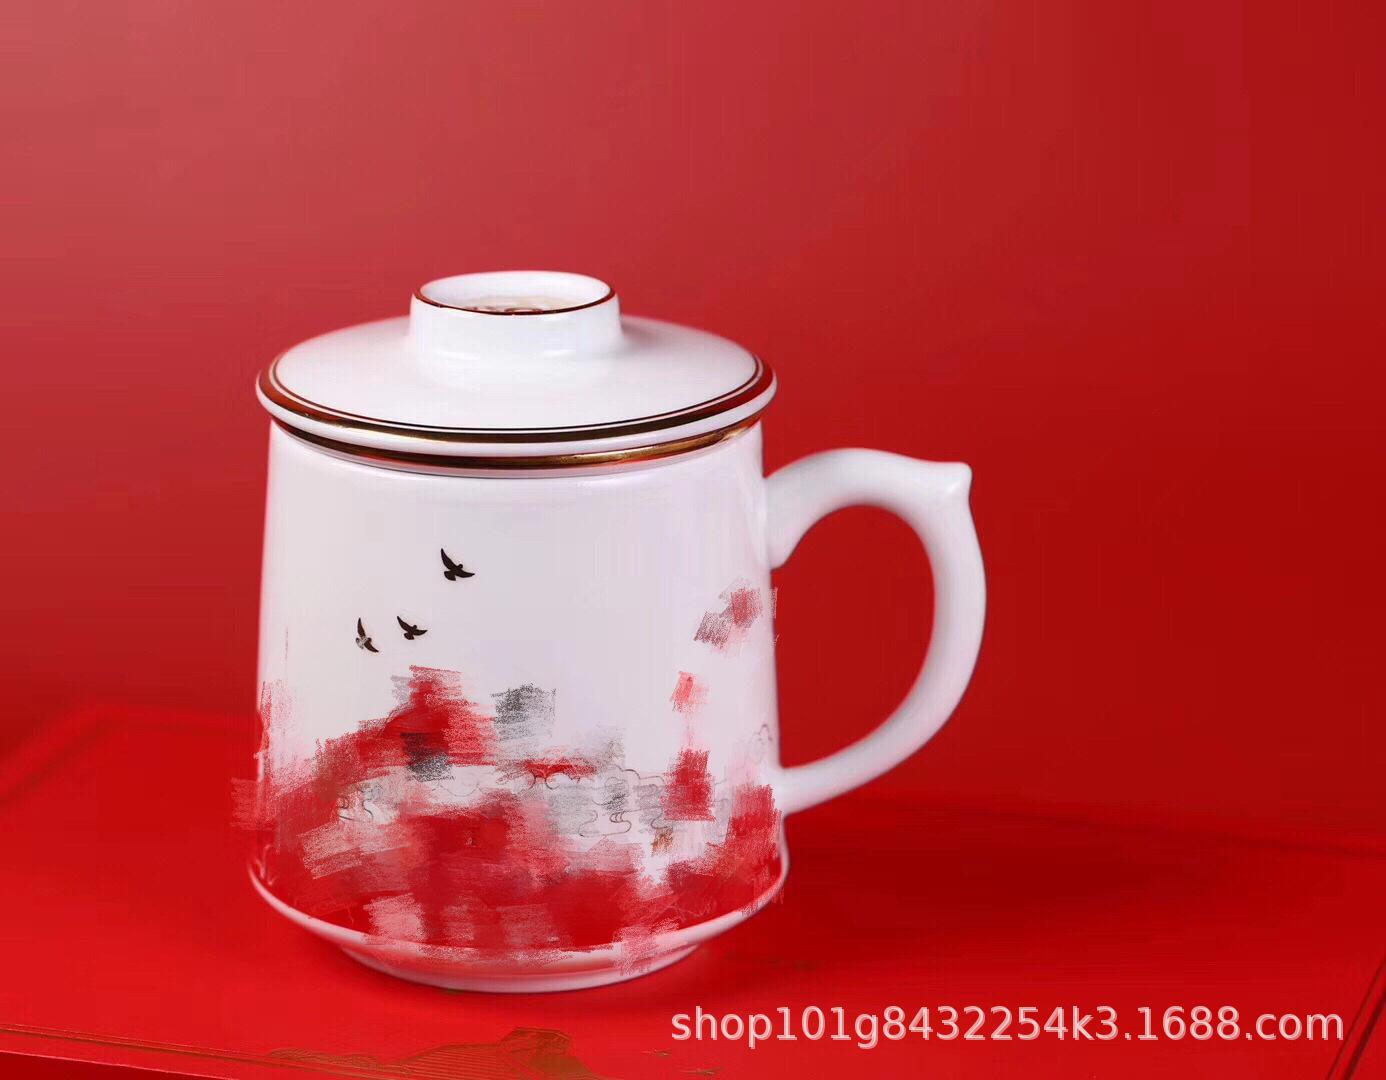 景德镇陶瓷厂家批量定制陶瓷水杯建国大阅兵纪念礼品过滤茶杯礼品